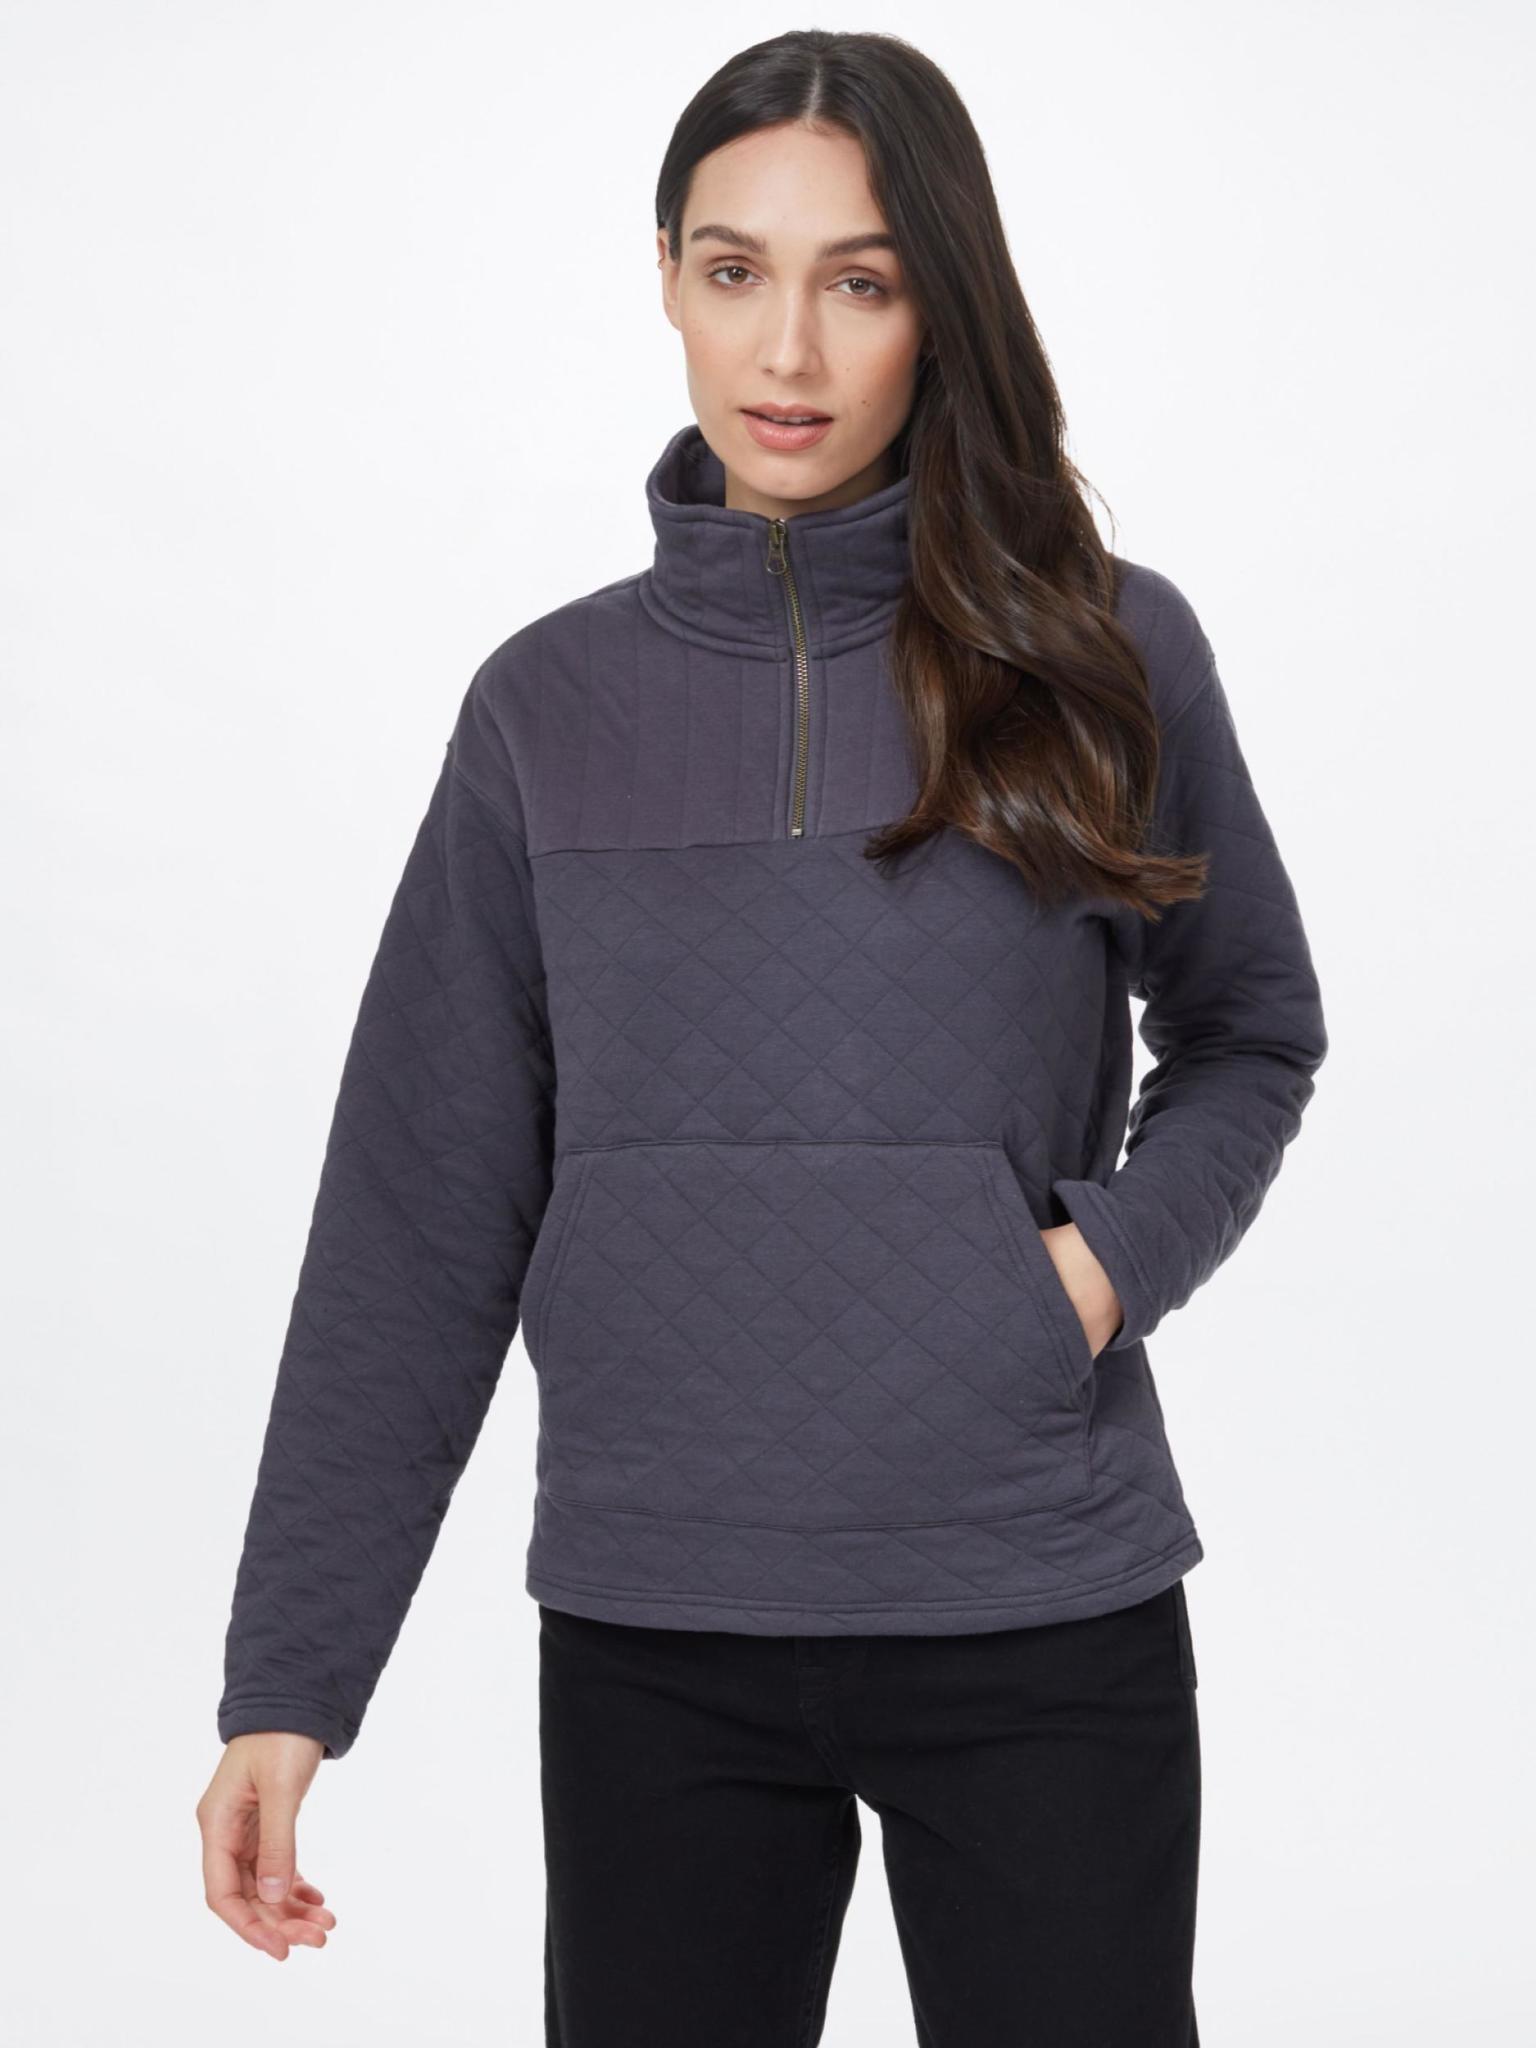 Tentree Women's 1/4 Zip Quilted Fleece